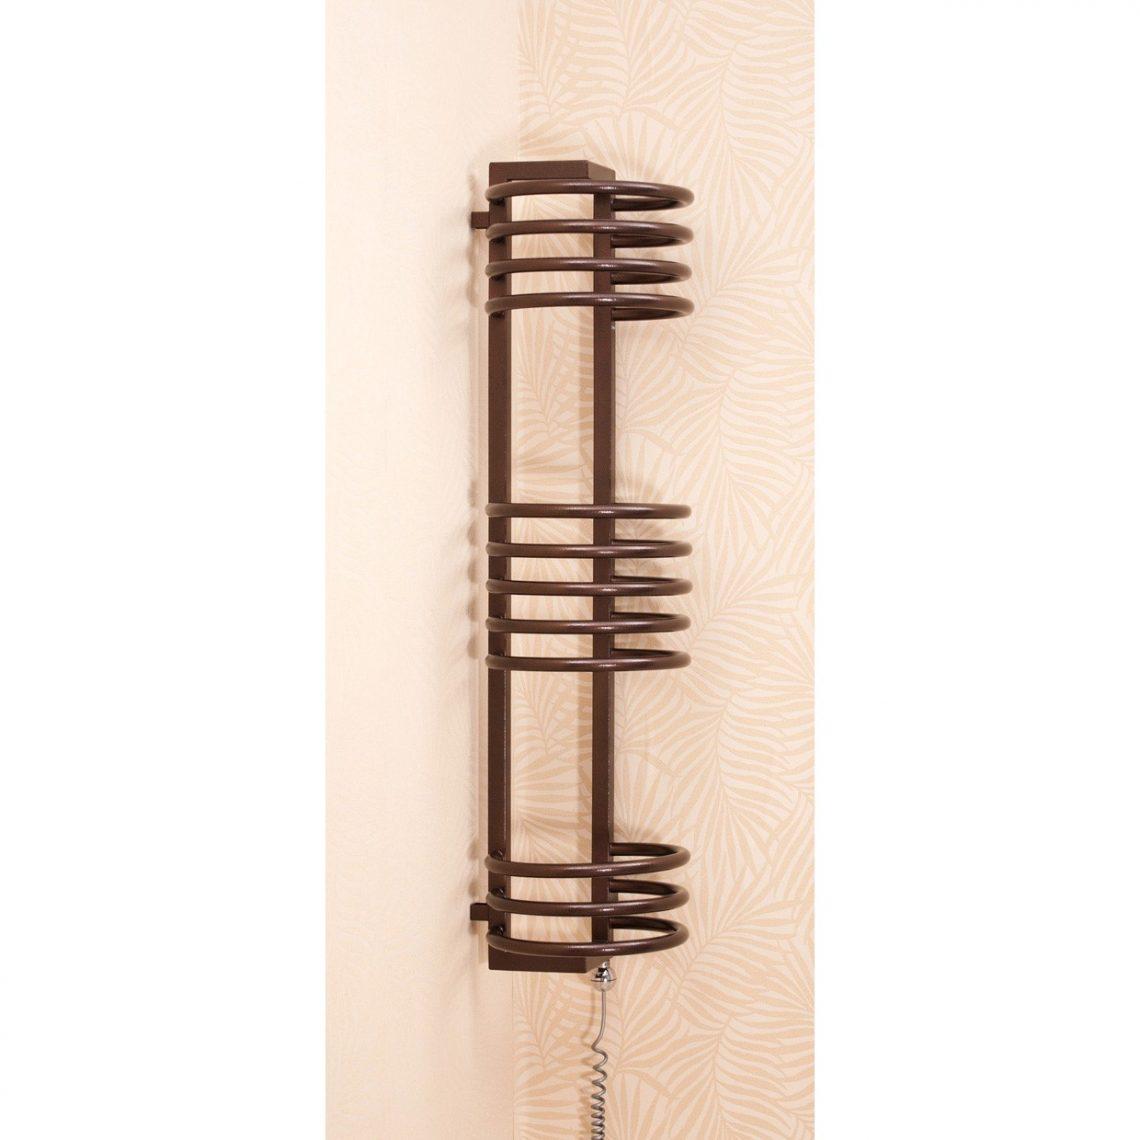 Quel modèle de radiateur électrique vous conviendrait?